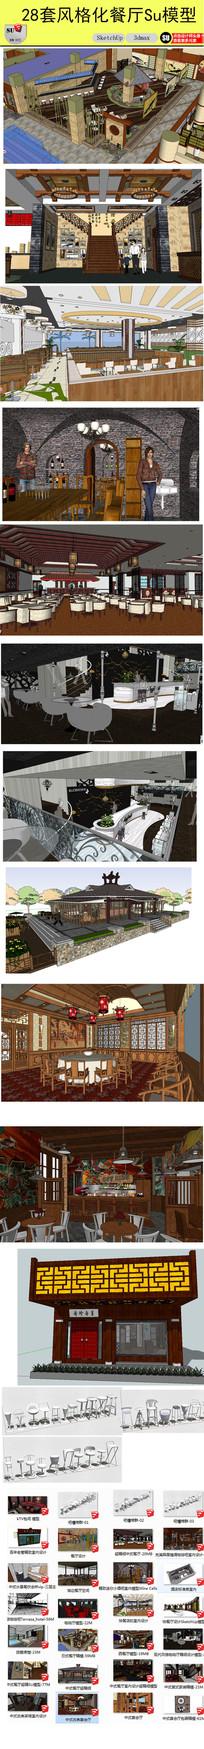 酒吧餐厅咖啡厅茶楼SU模型